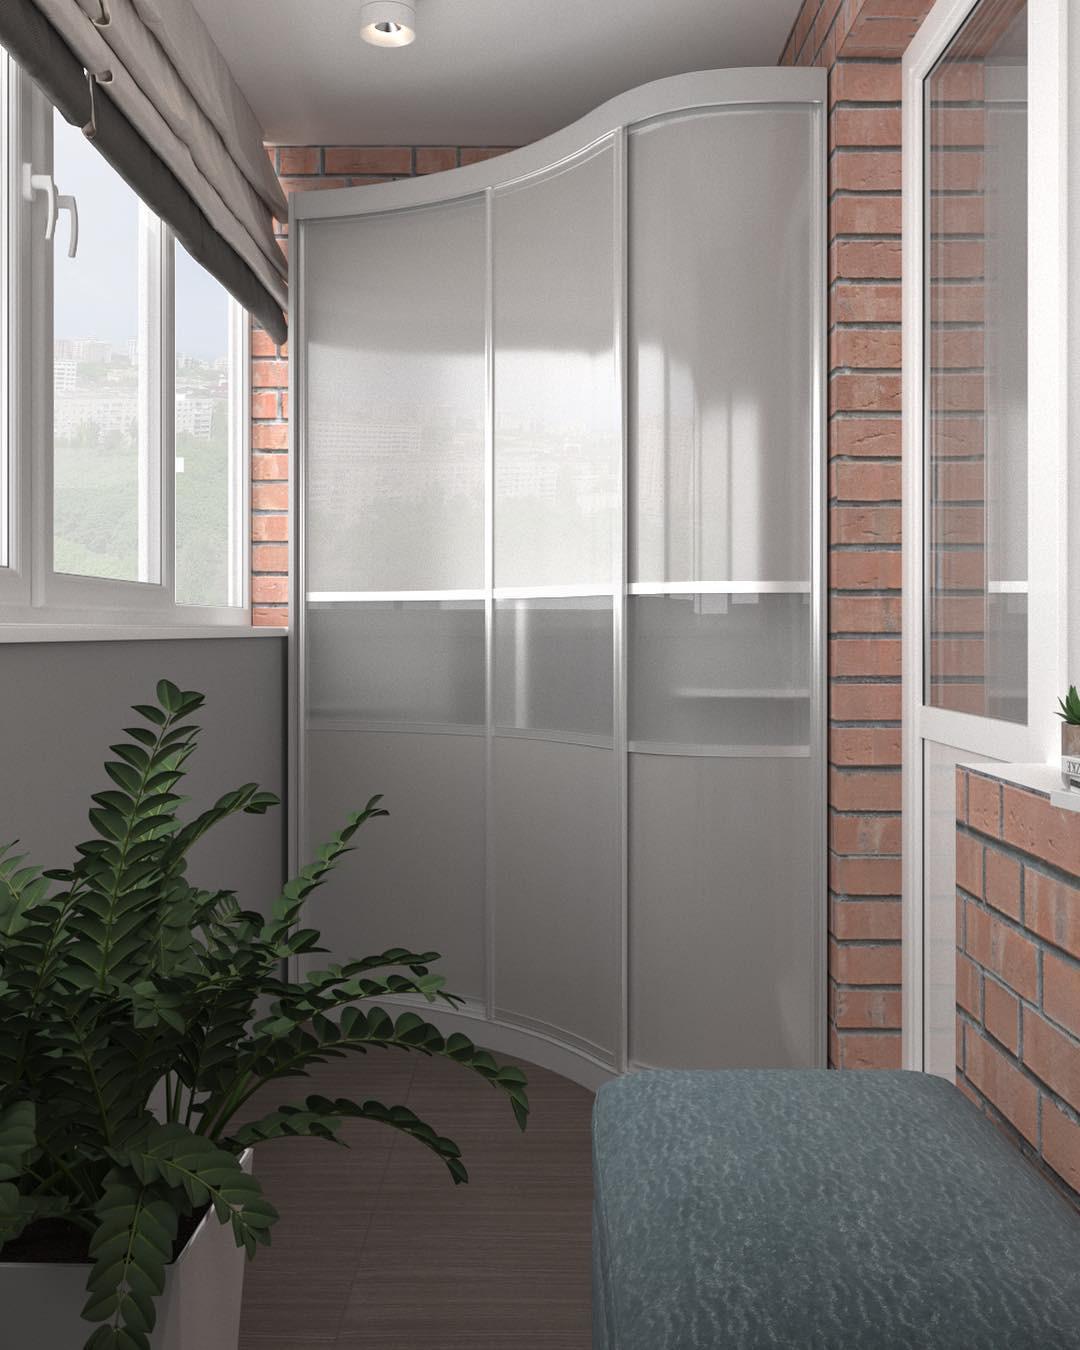 Из МДФ делают закругленные фасады, которые смотрятся оригинально.